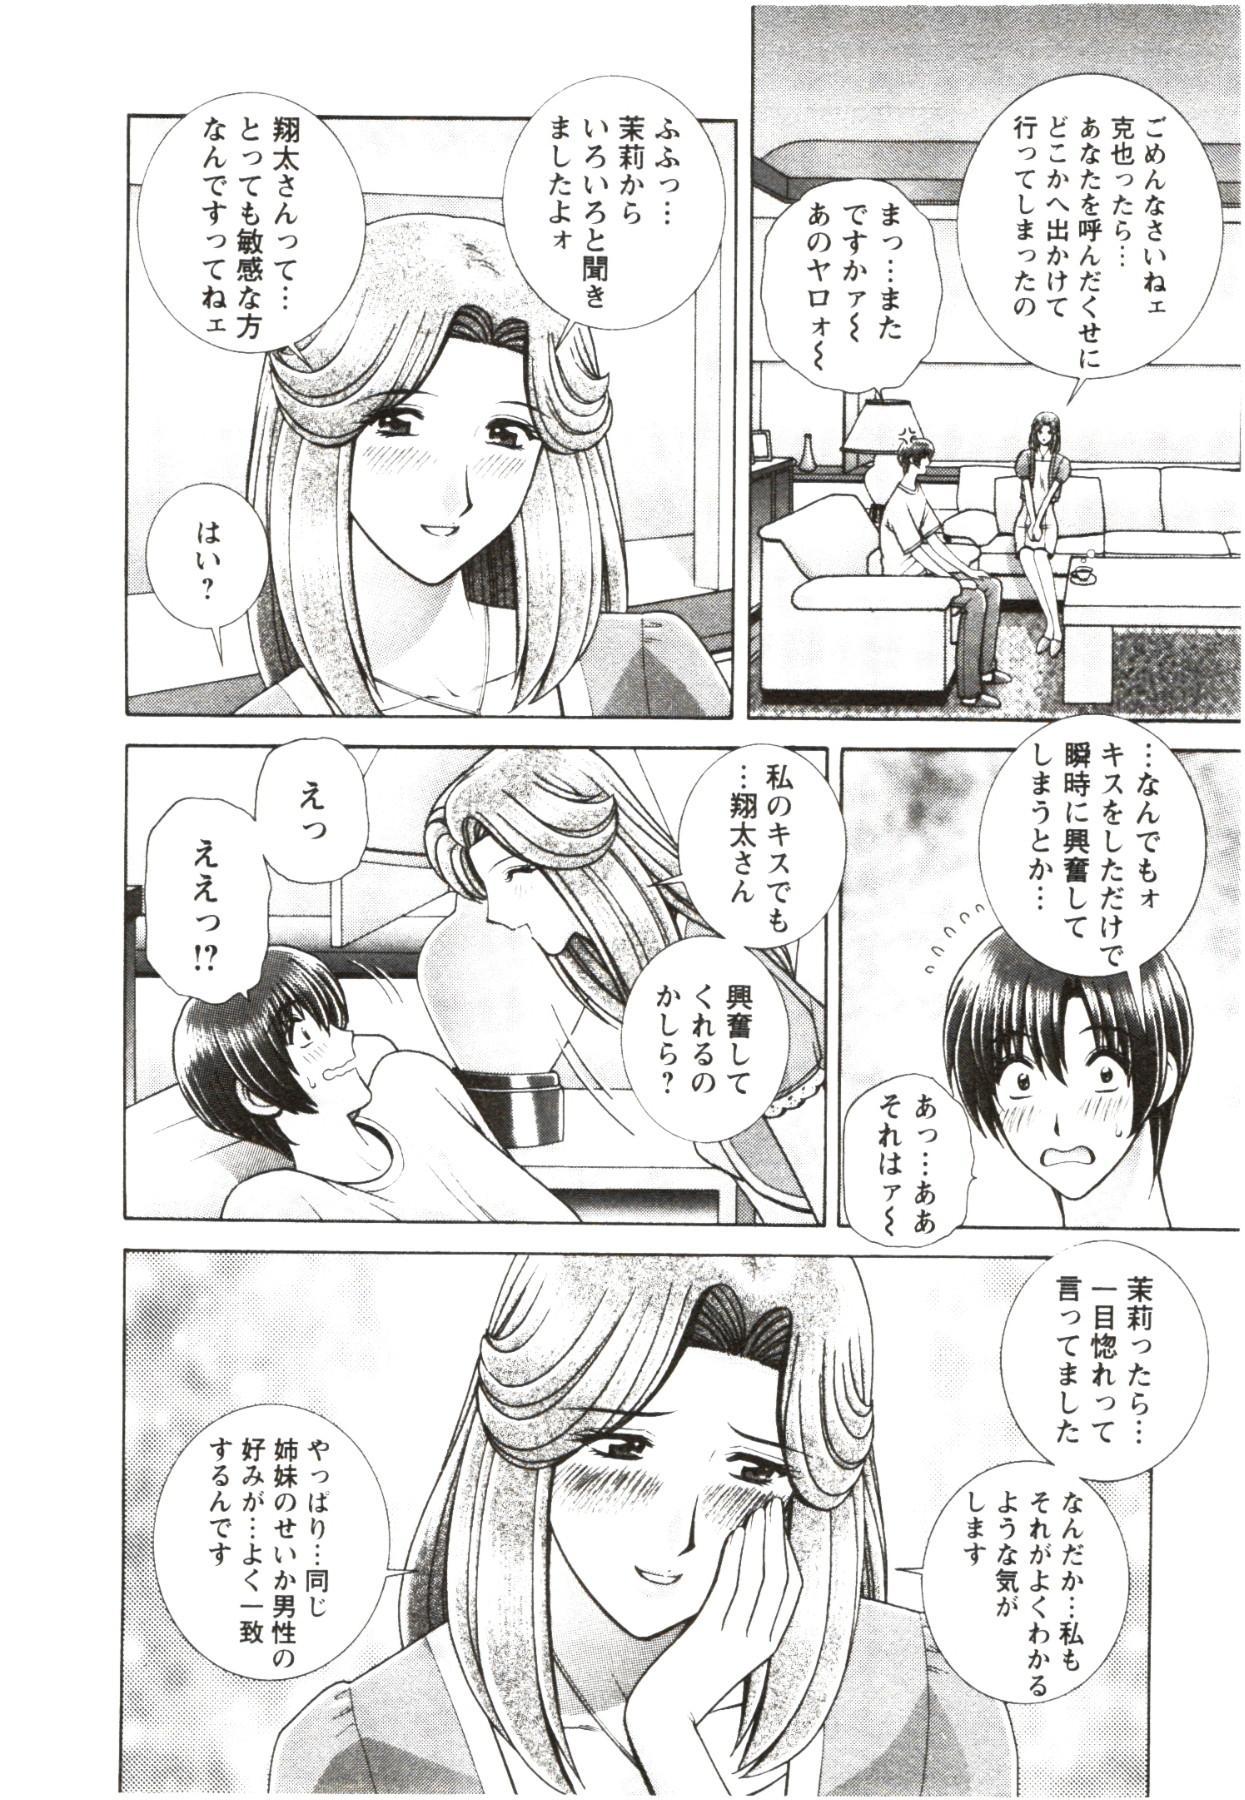 Futarigurashi 117